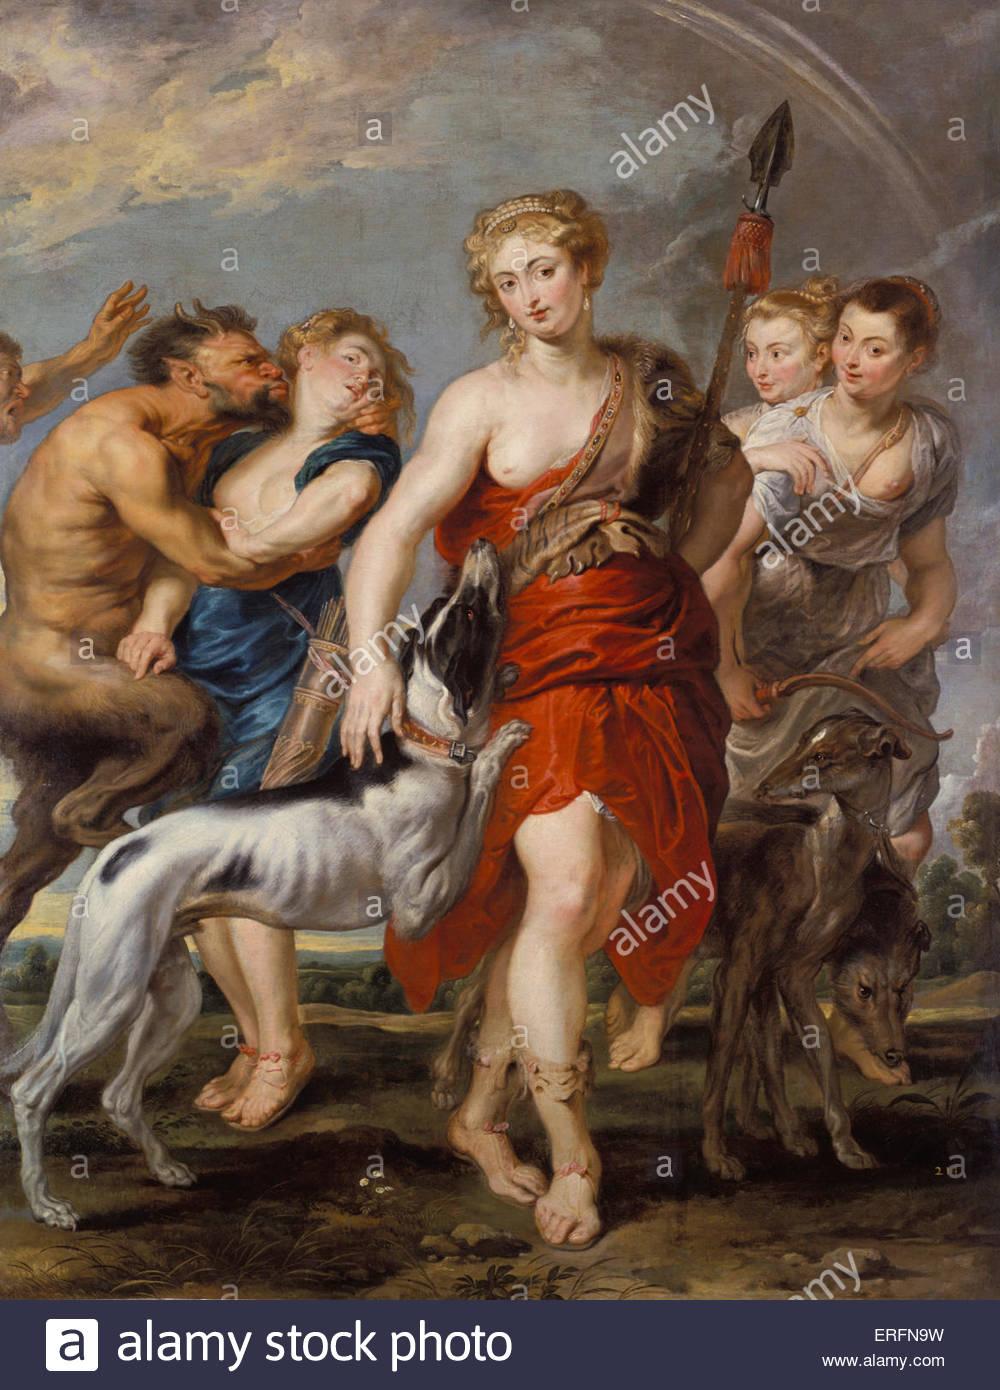 Diana e le sue ninfe sulla caccia da Peter Paul Rubens, c.1615 pittura. Pittore fiammingo, 28 Giugno 1577 - 30 maggio Immagini Stock